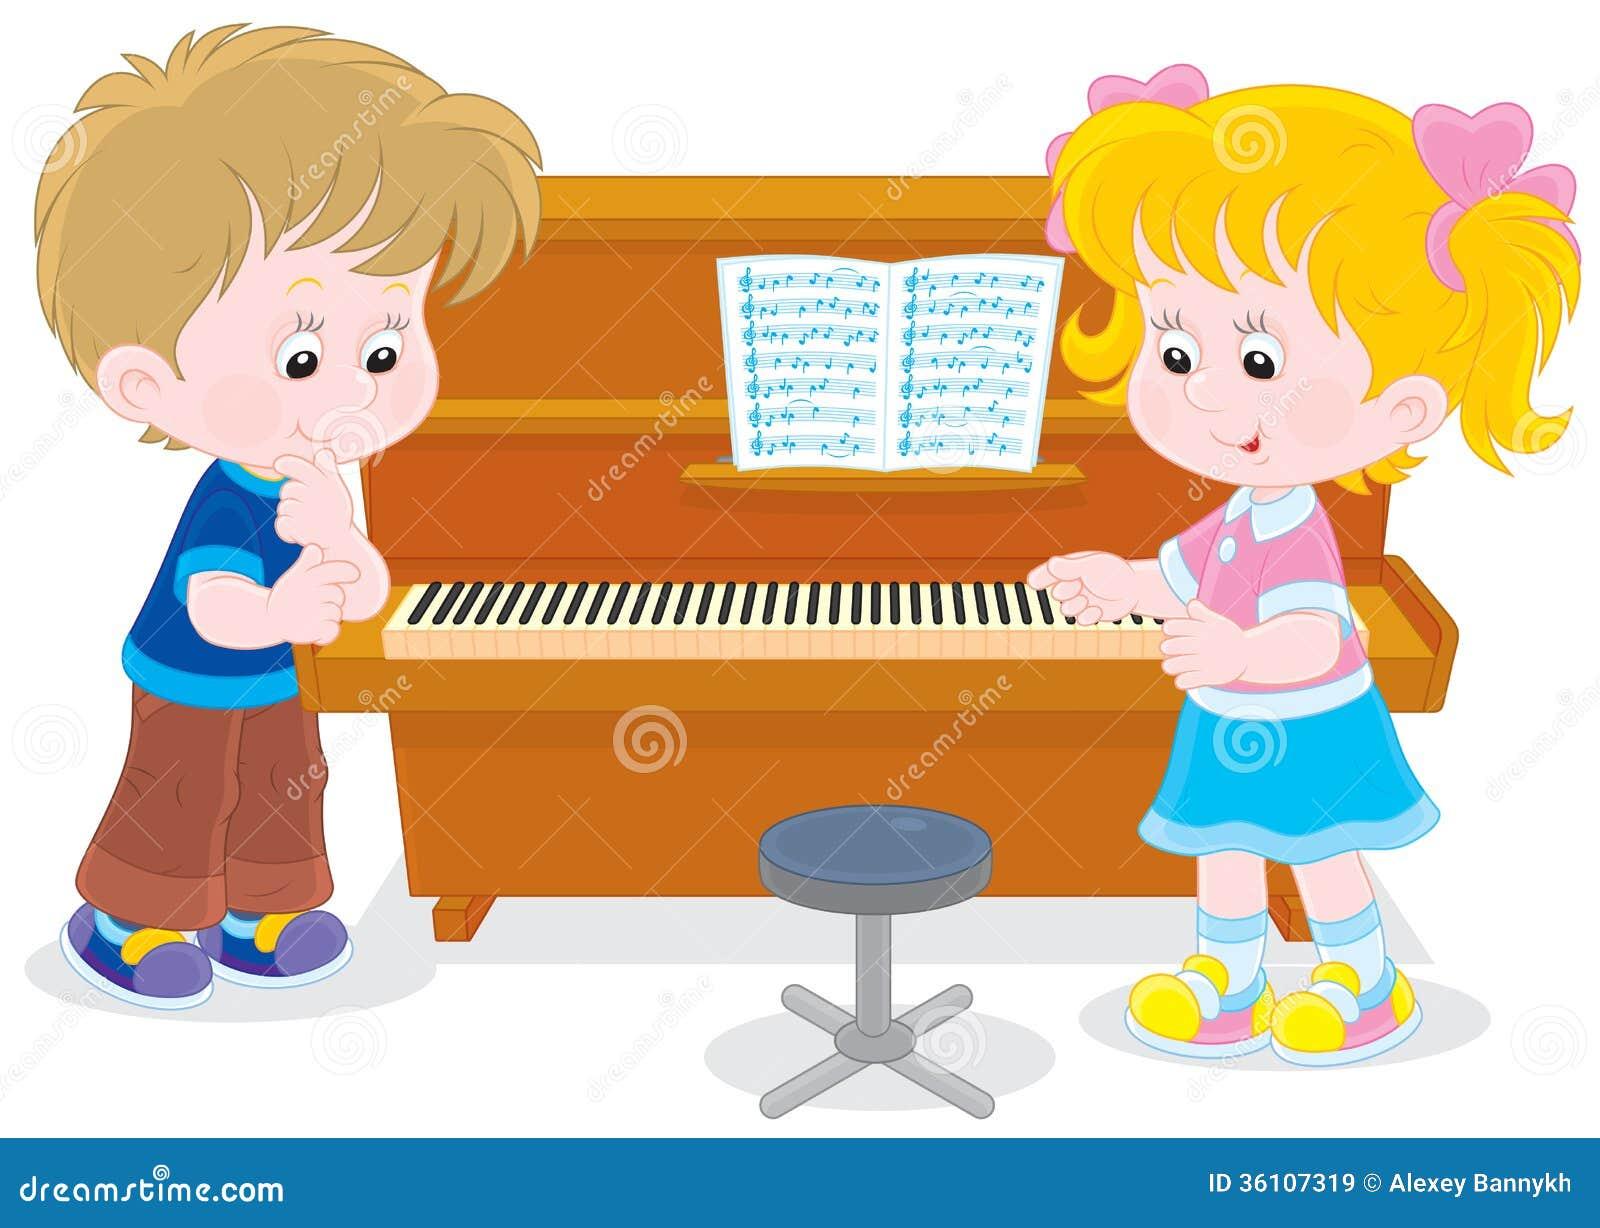 Дети играют рояль